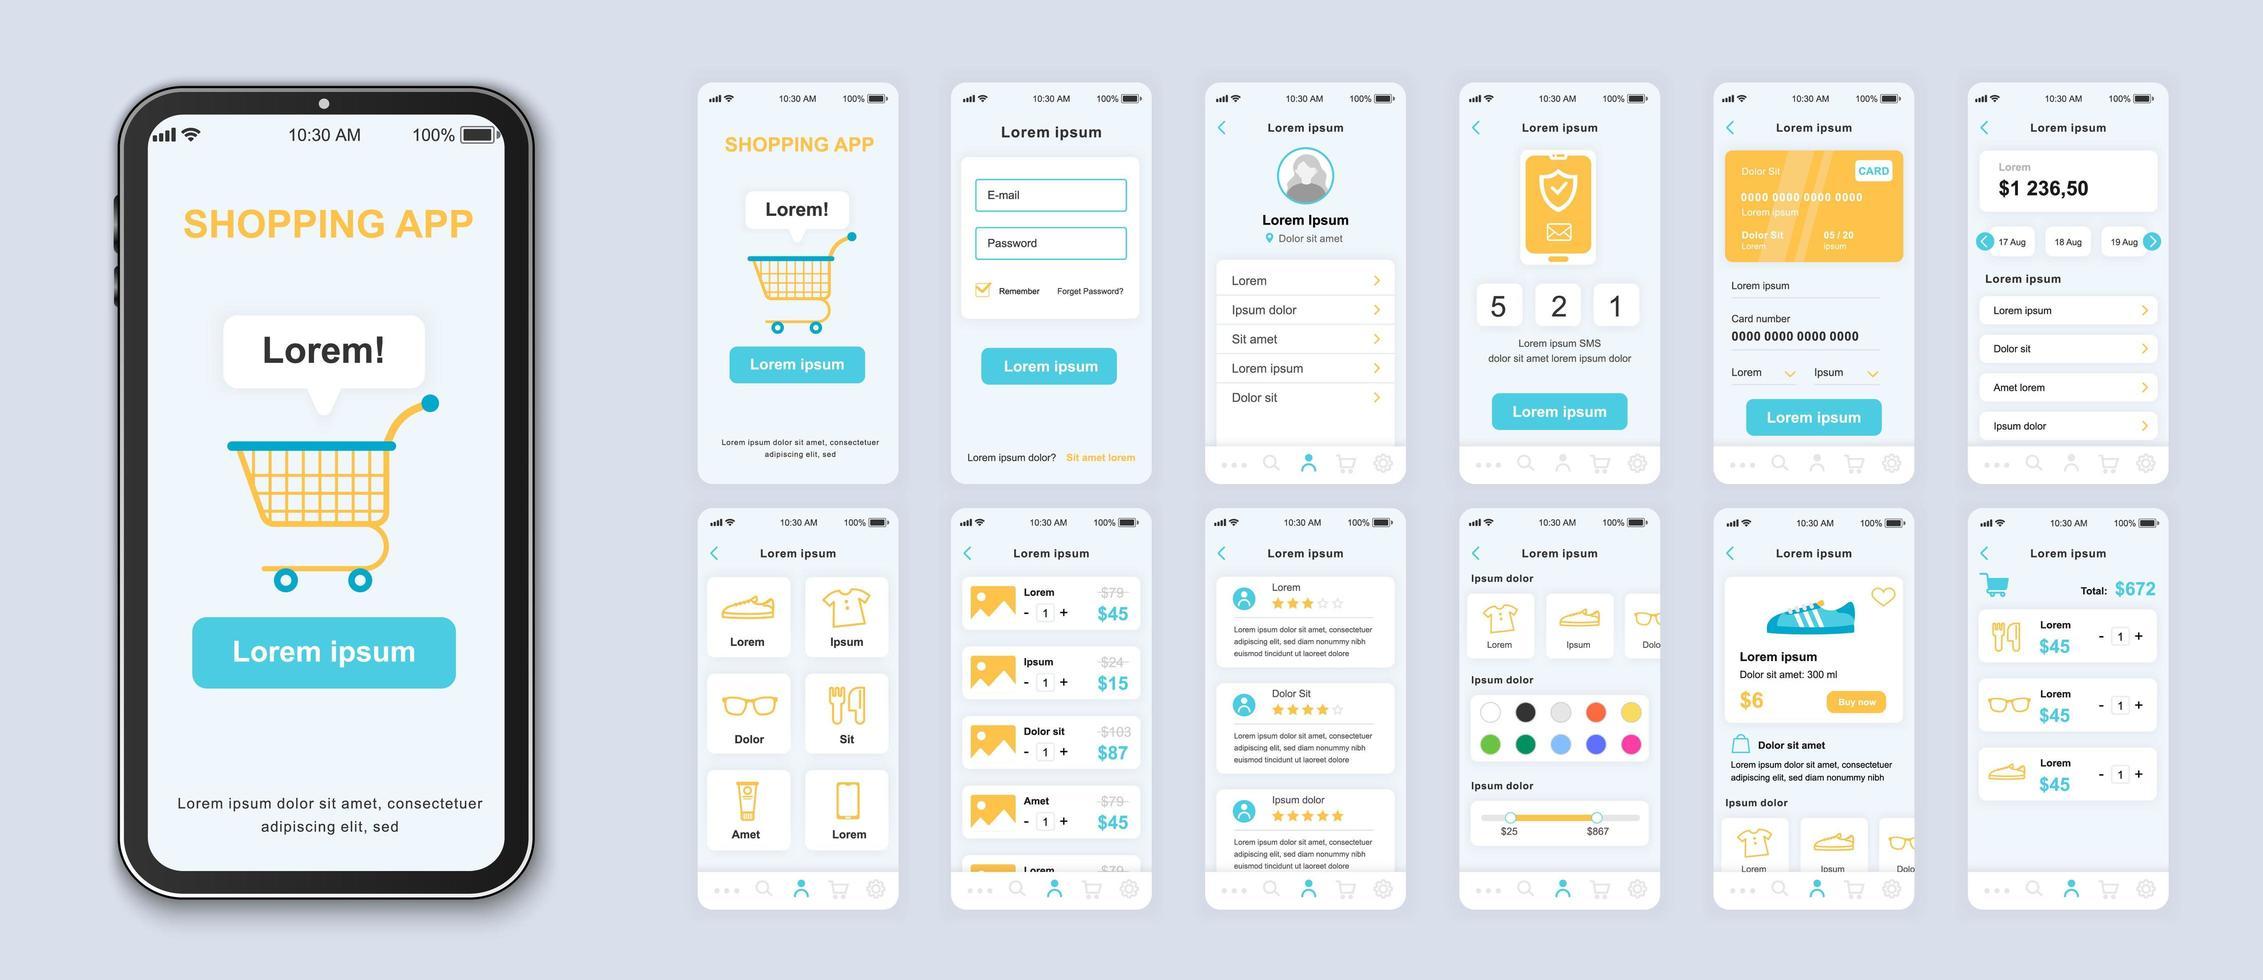 diseño de interfaz de la aplicación ui de compras azul, amarillo y blanco vector